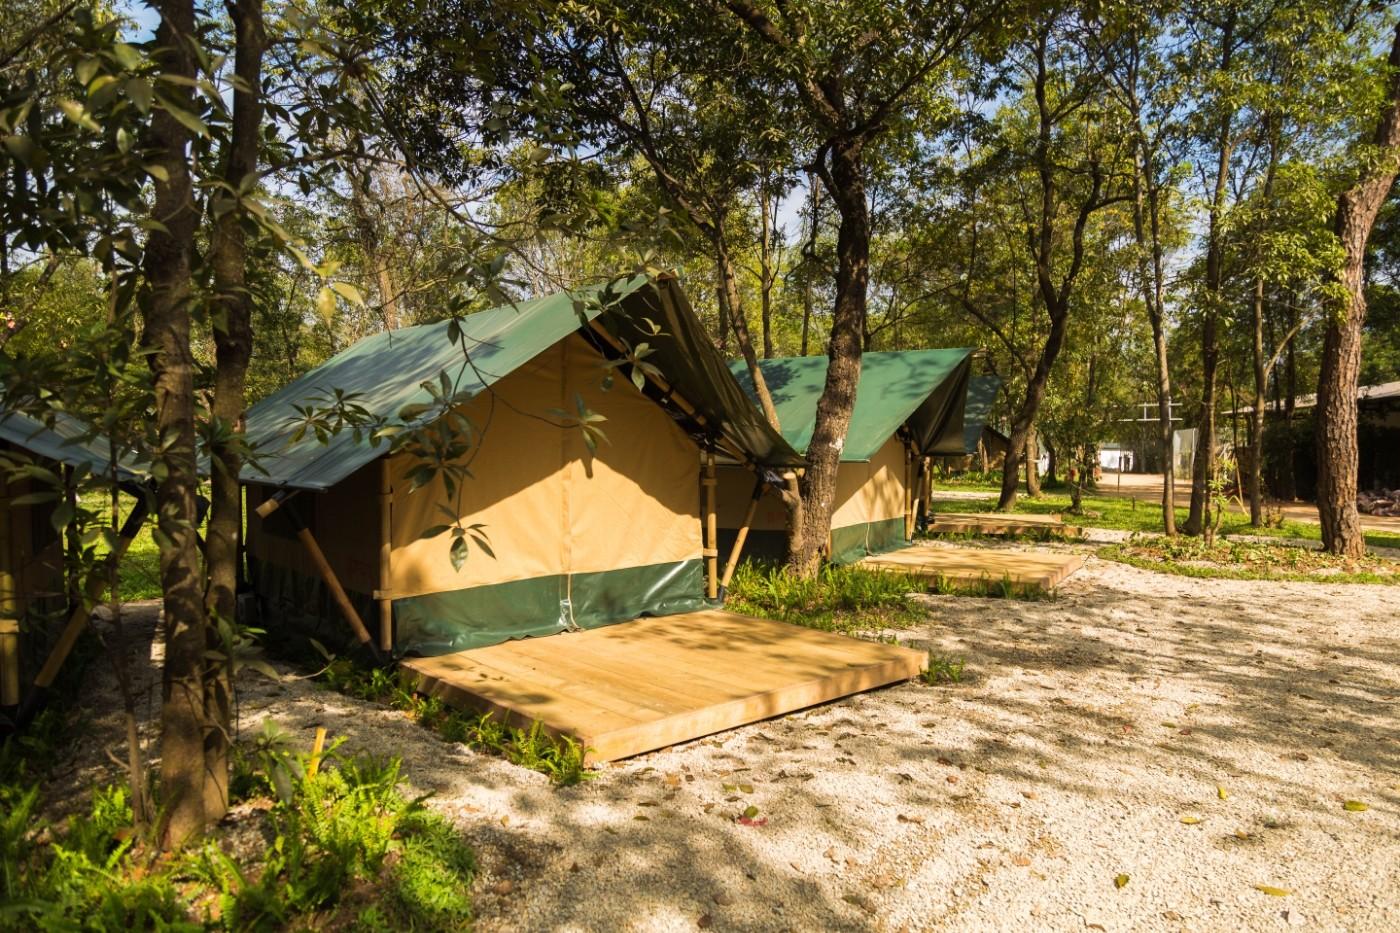 喜马拉雅青少年教育营地—广州和营天下平地帐篷酒店14